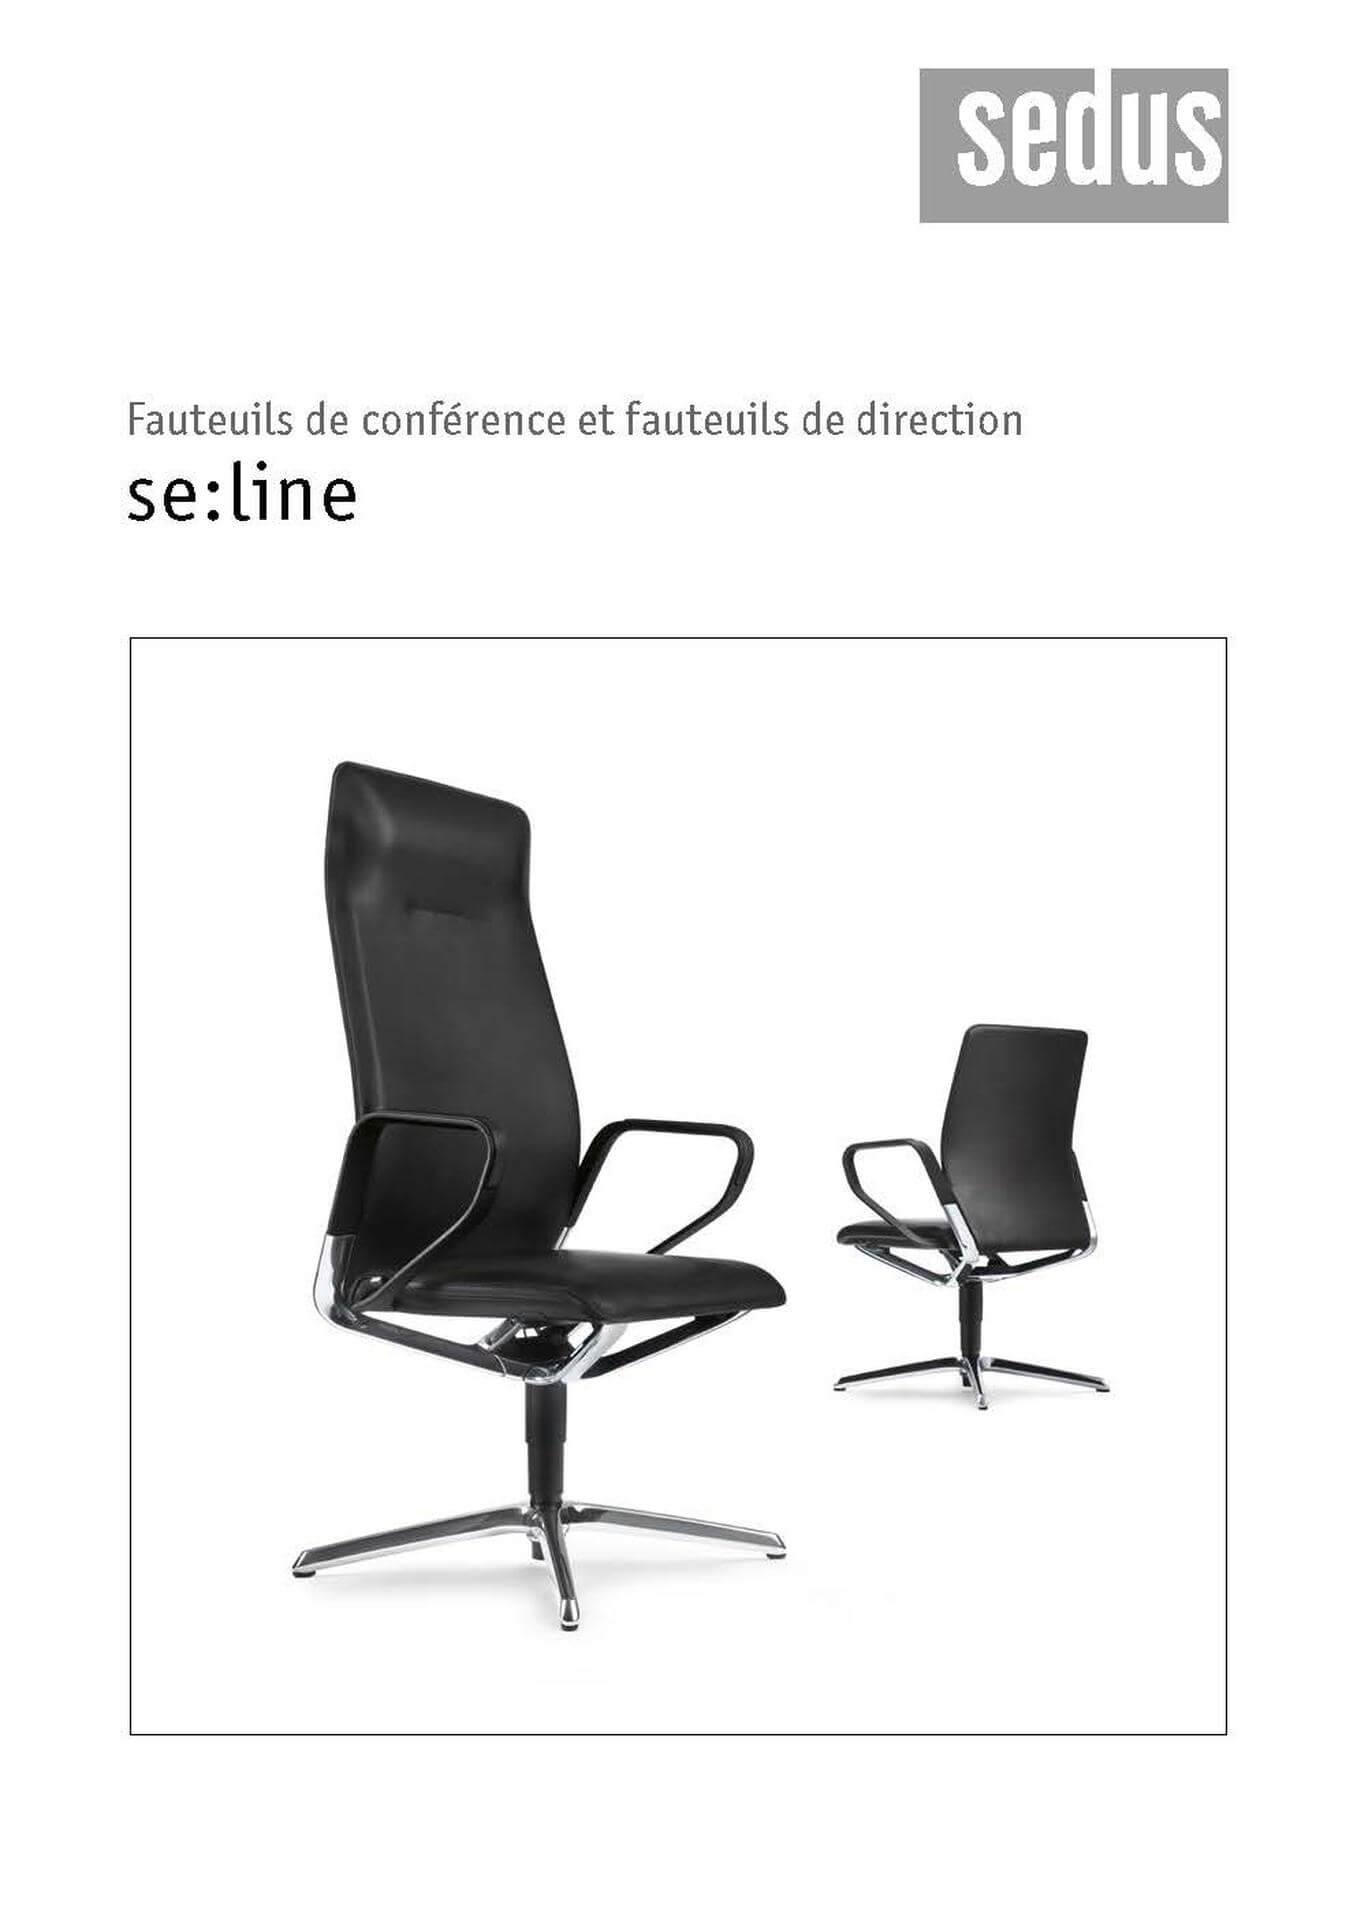 JCD SEDUS fauteuil direction se line franz Original Page 01